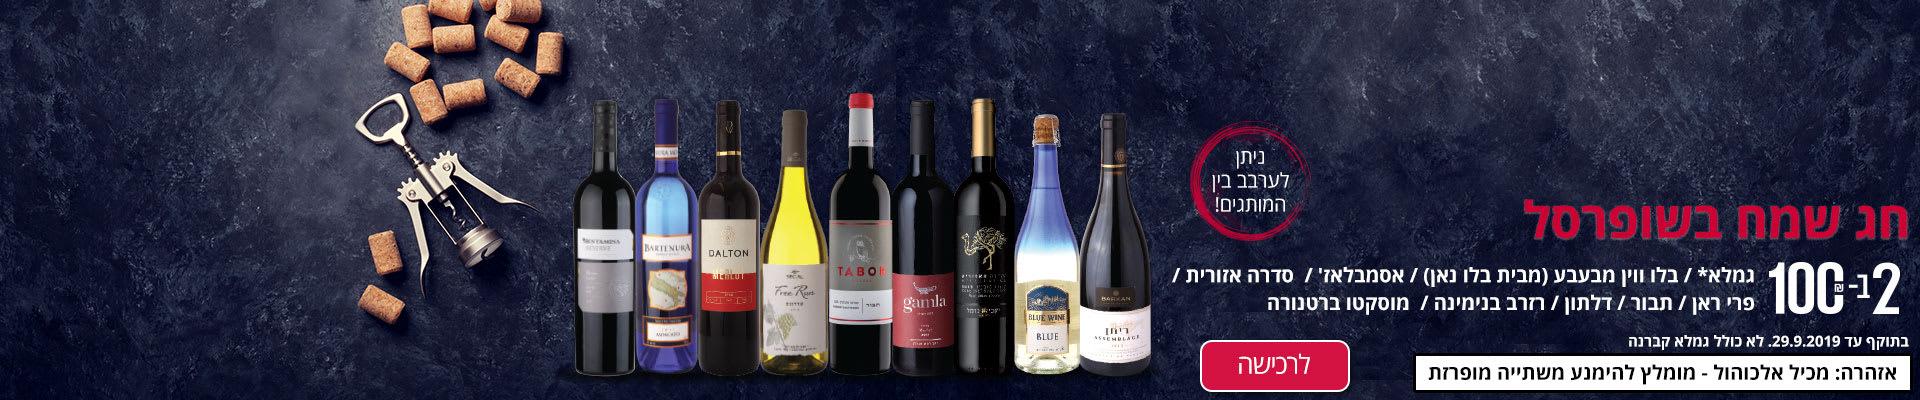 חג שמח בשופרסל. 2 ב- 100 ₪ על יינות גמלא* /בלו ווין מבעבע (מבית בלו נאן) /אסמבלאז/ /סדרה אזורית/פרי ראן/תבור/דלתון/רזרב בנימינה/מוסקטו ברטנורה.בתוקף עד 29.9.2019. לא כולל גמלא קברנה. אזהרה: מכיל אלכוהול – מומלץ להימנע משתייה מופרזת.